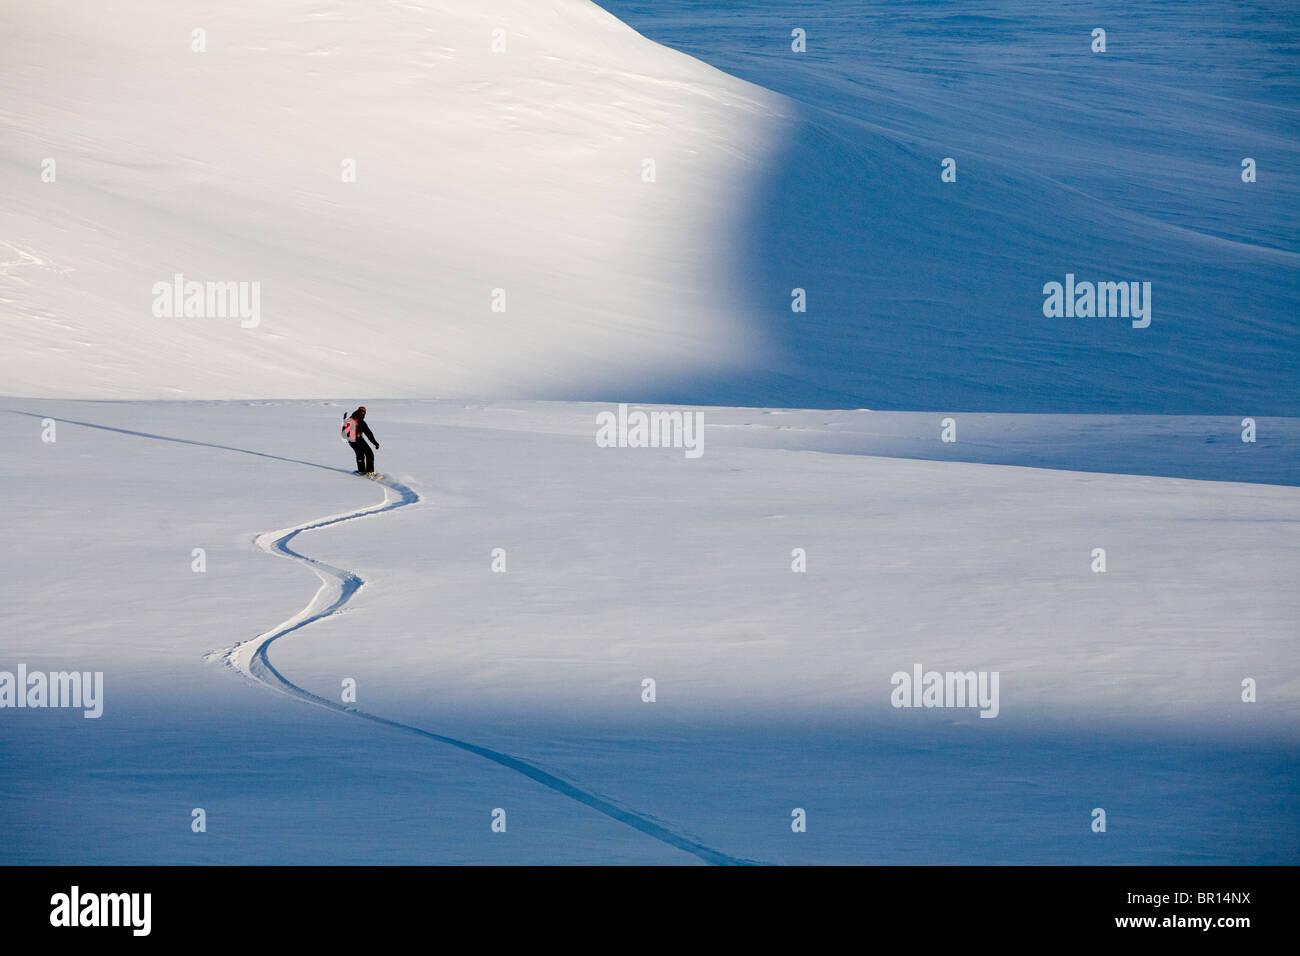 L'uomo Snowboard giù in leggera pendenza nel tardo pomeriggio. Immagini Stock